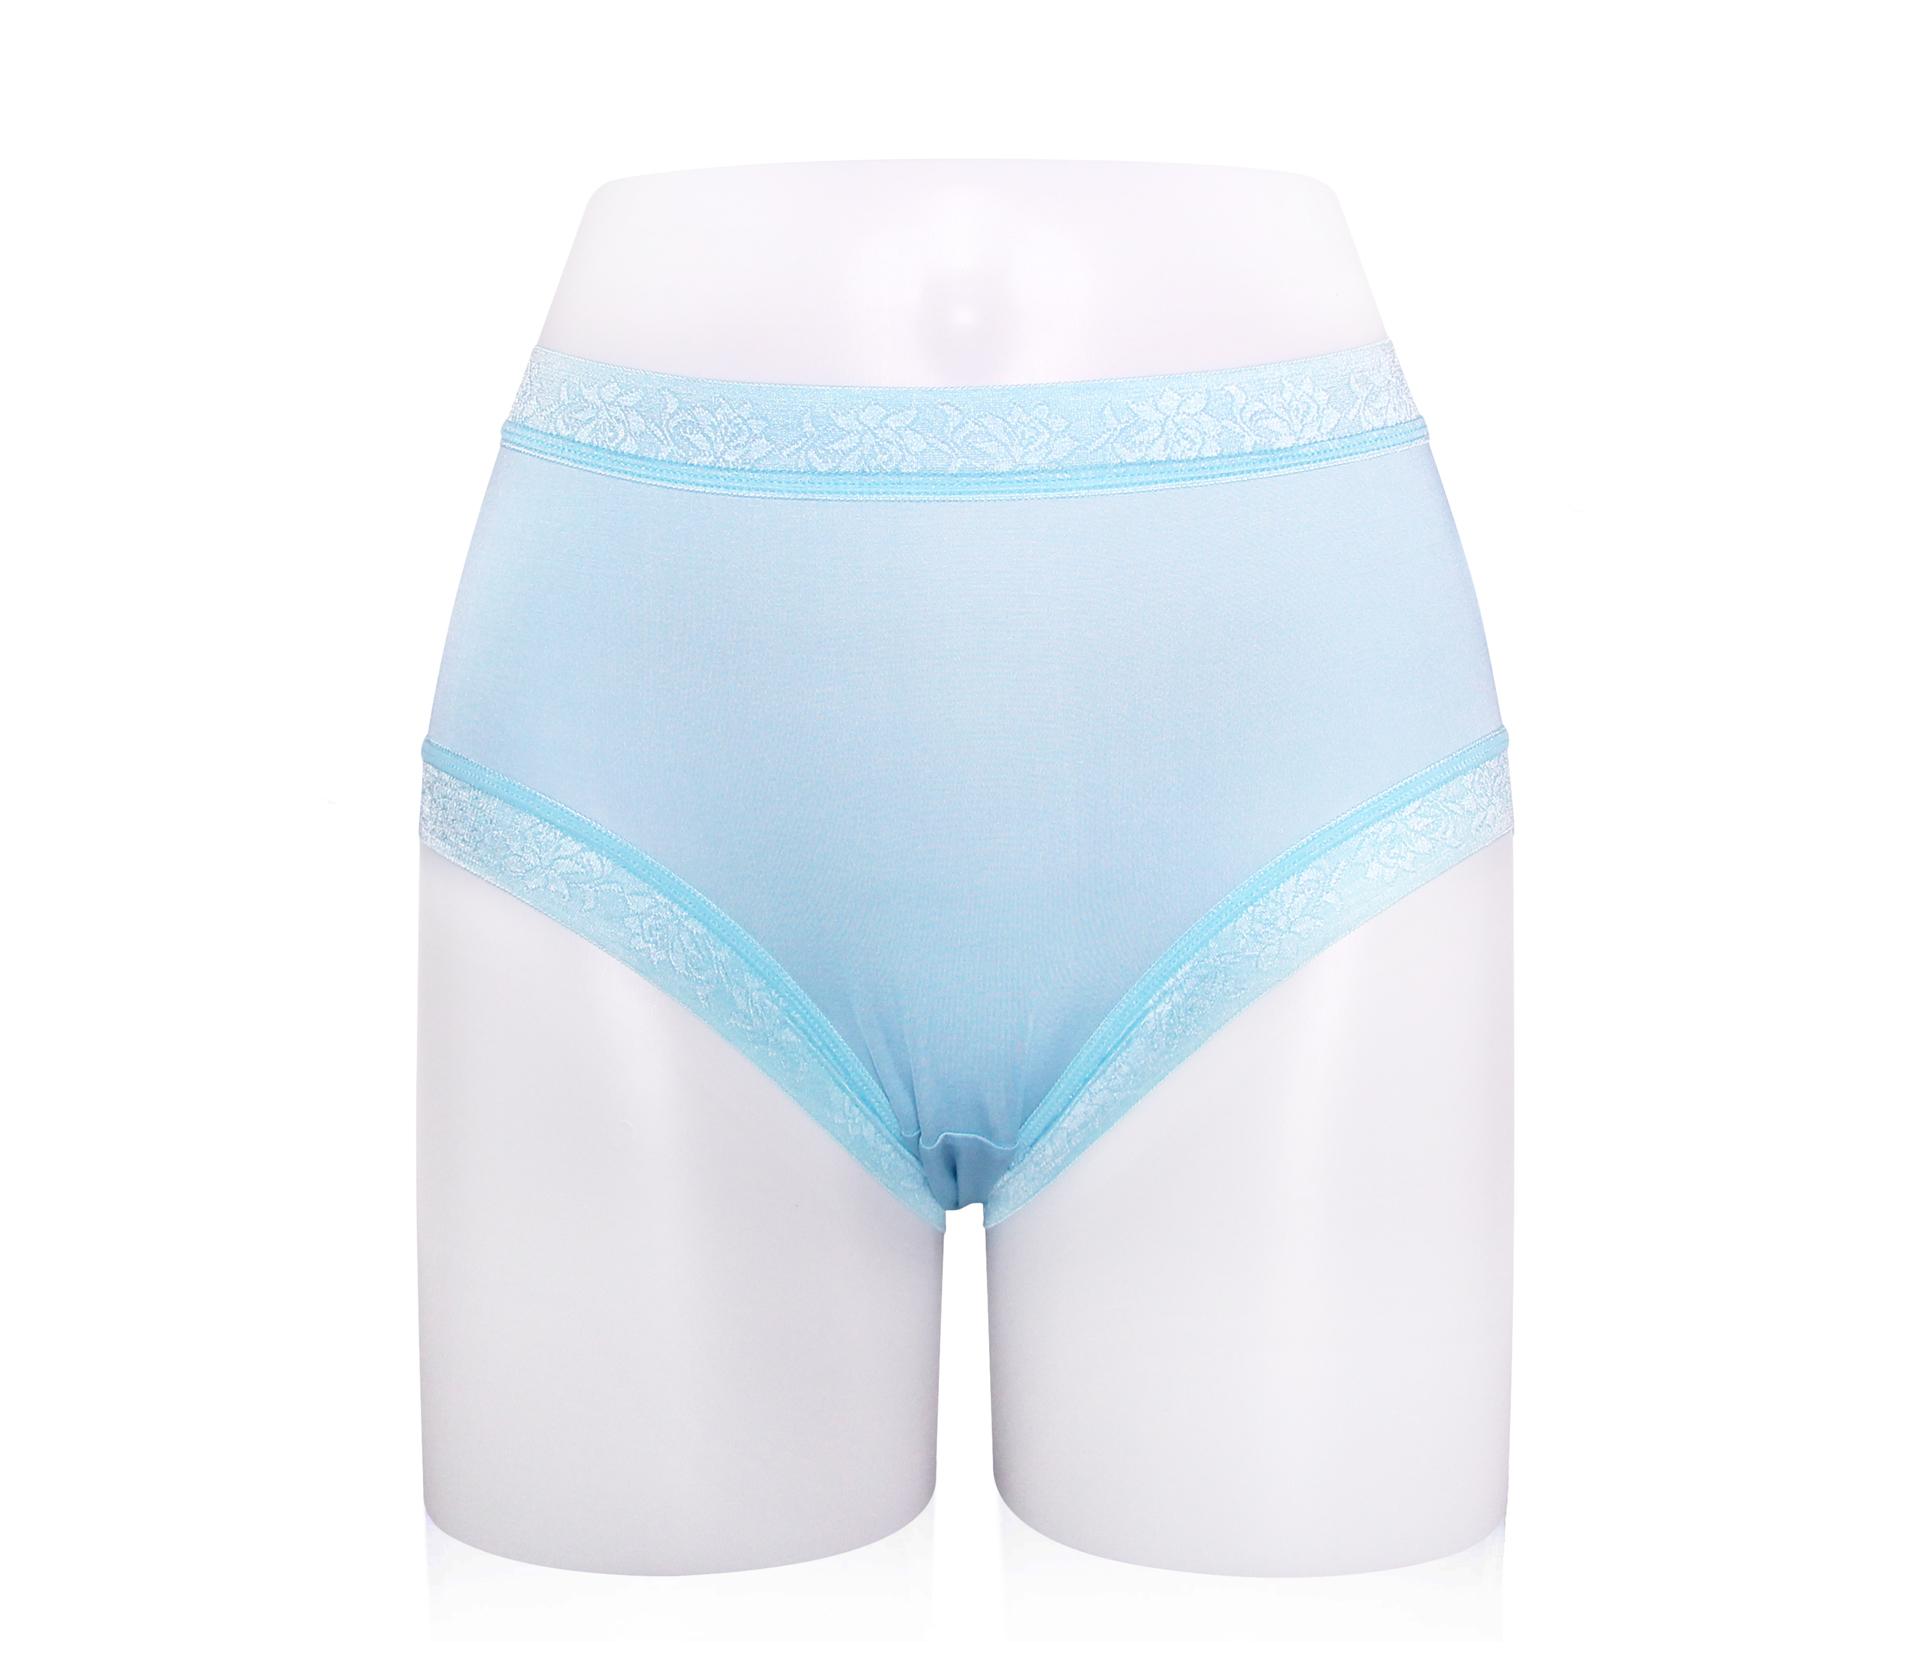 闕蘭絹粉嫩溫柔30針100%蠶絲內褲 - 887904 (藍)